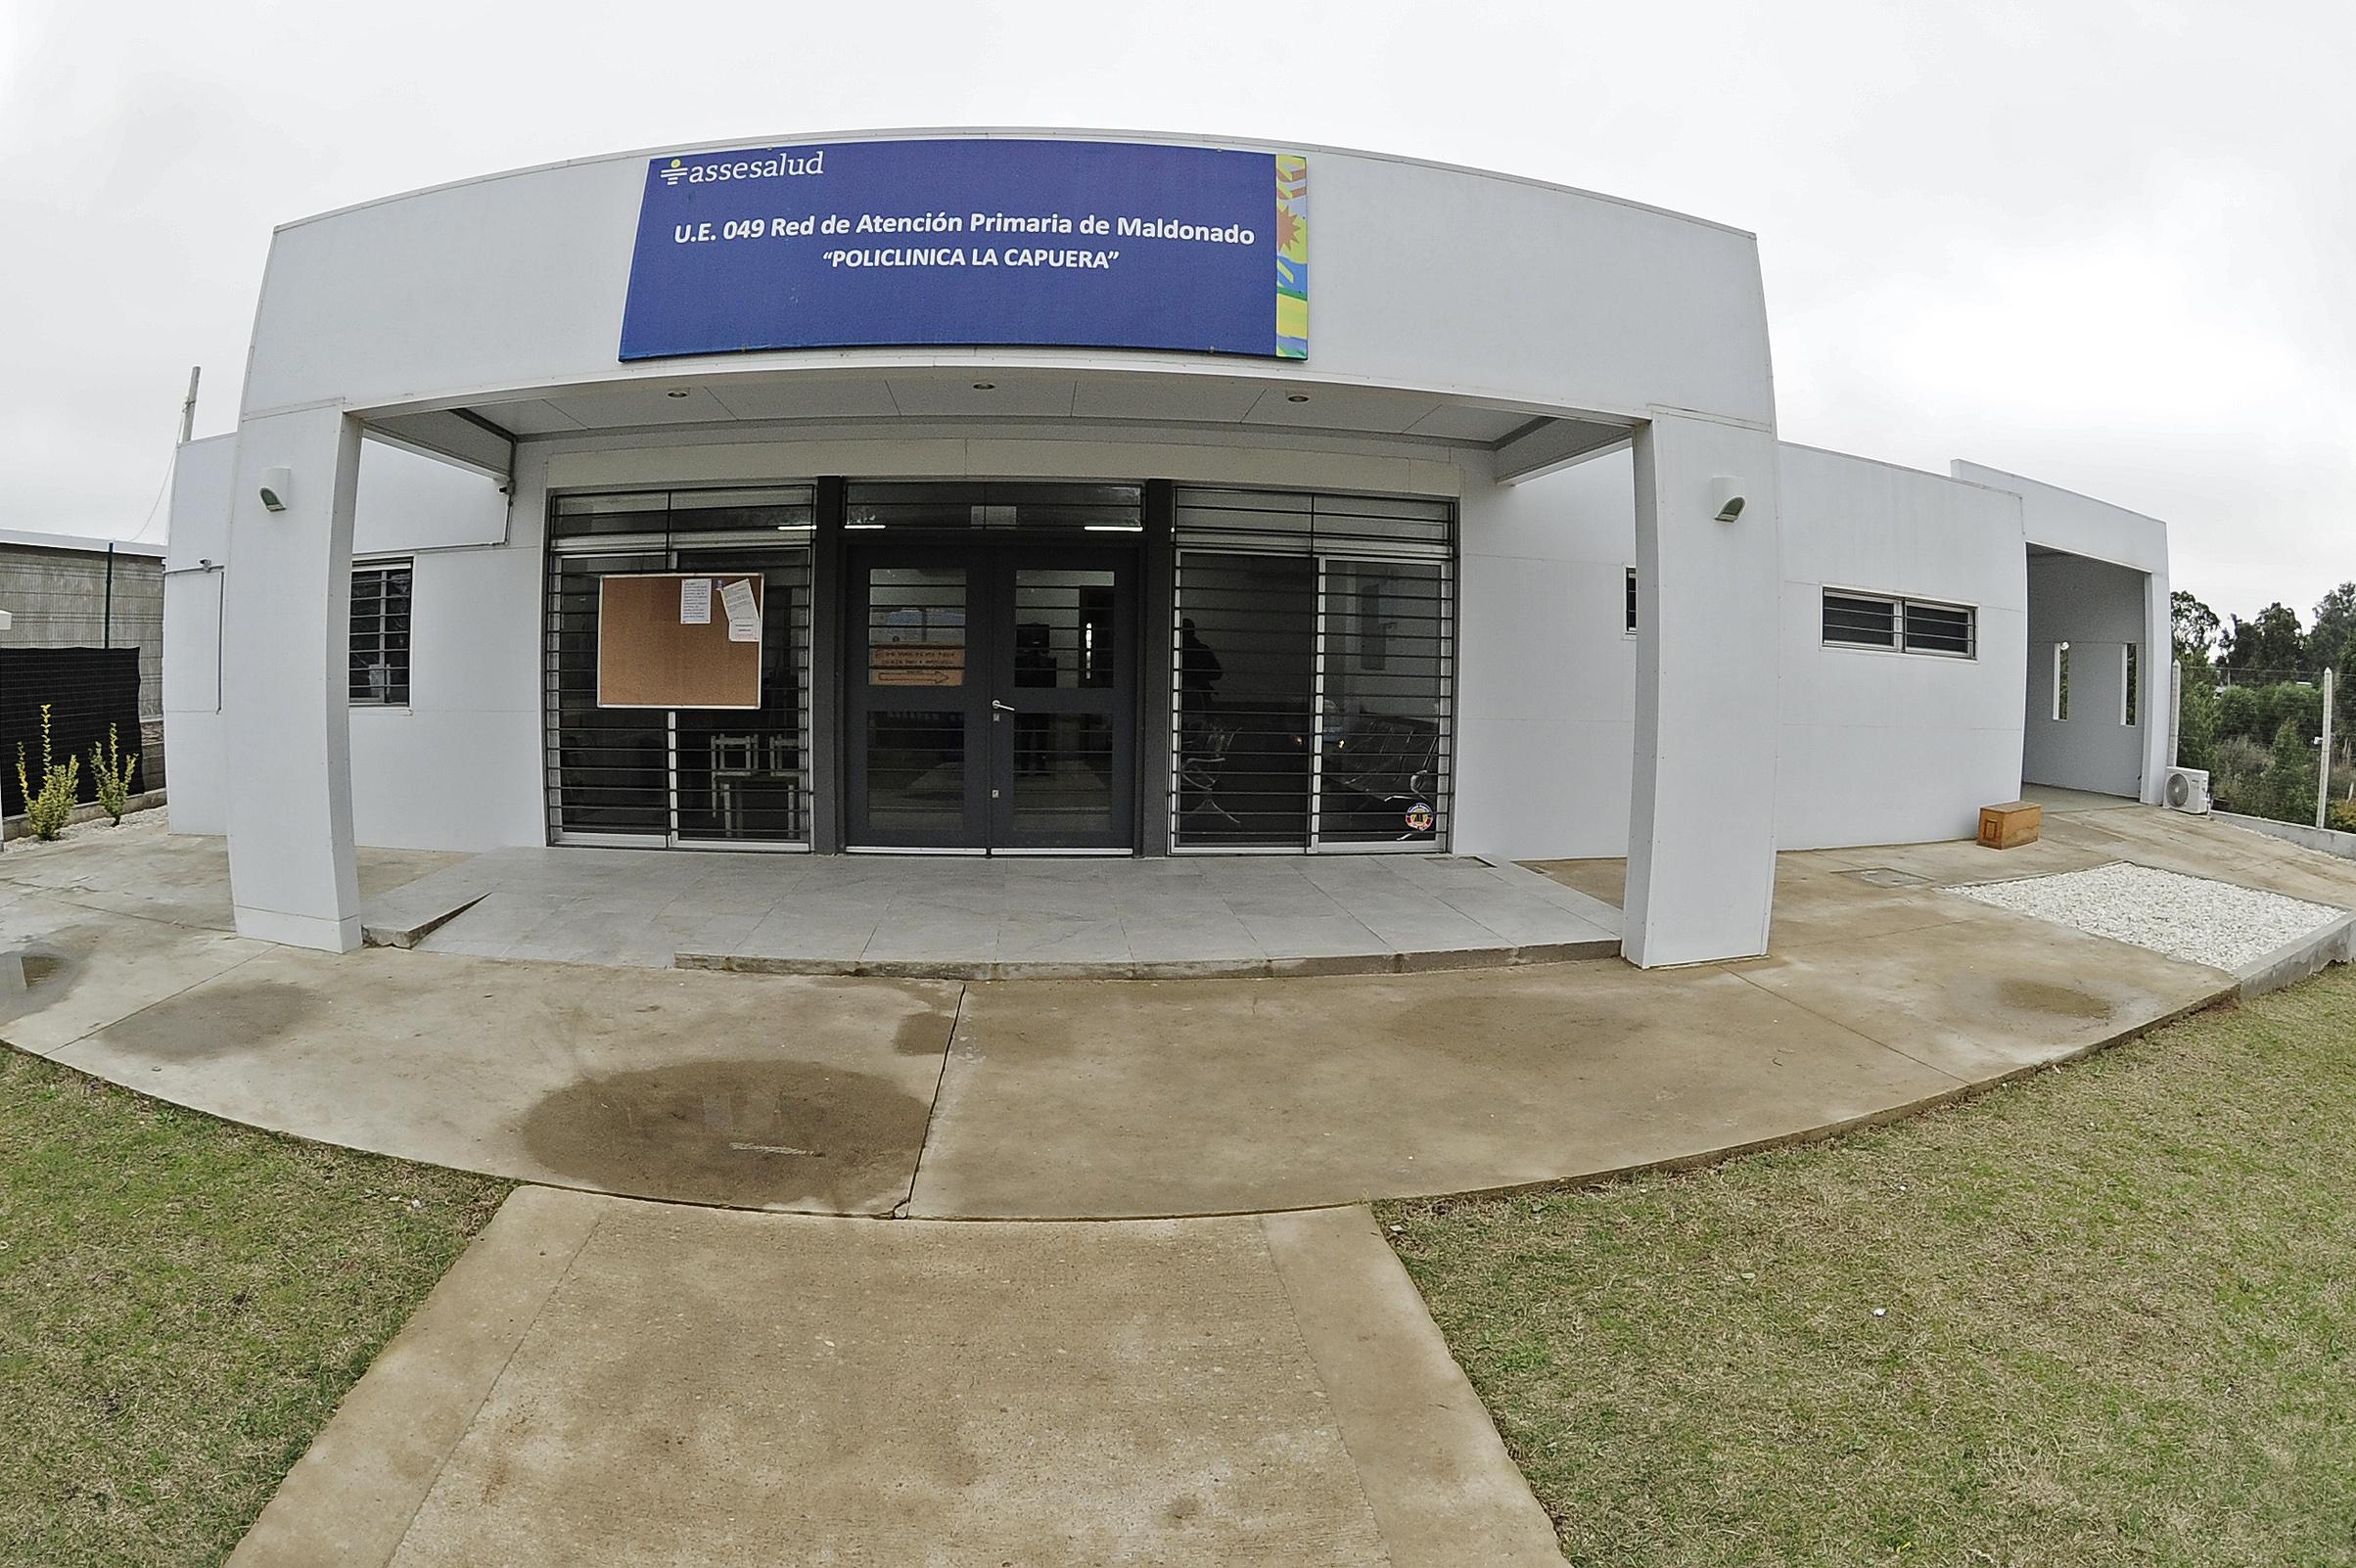 Policlínica de ASSE en La Capuera, Maldonado